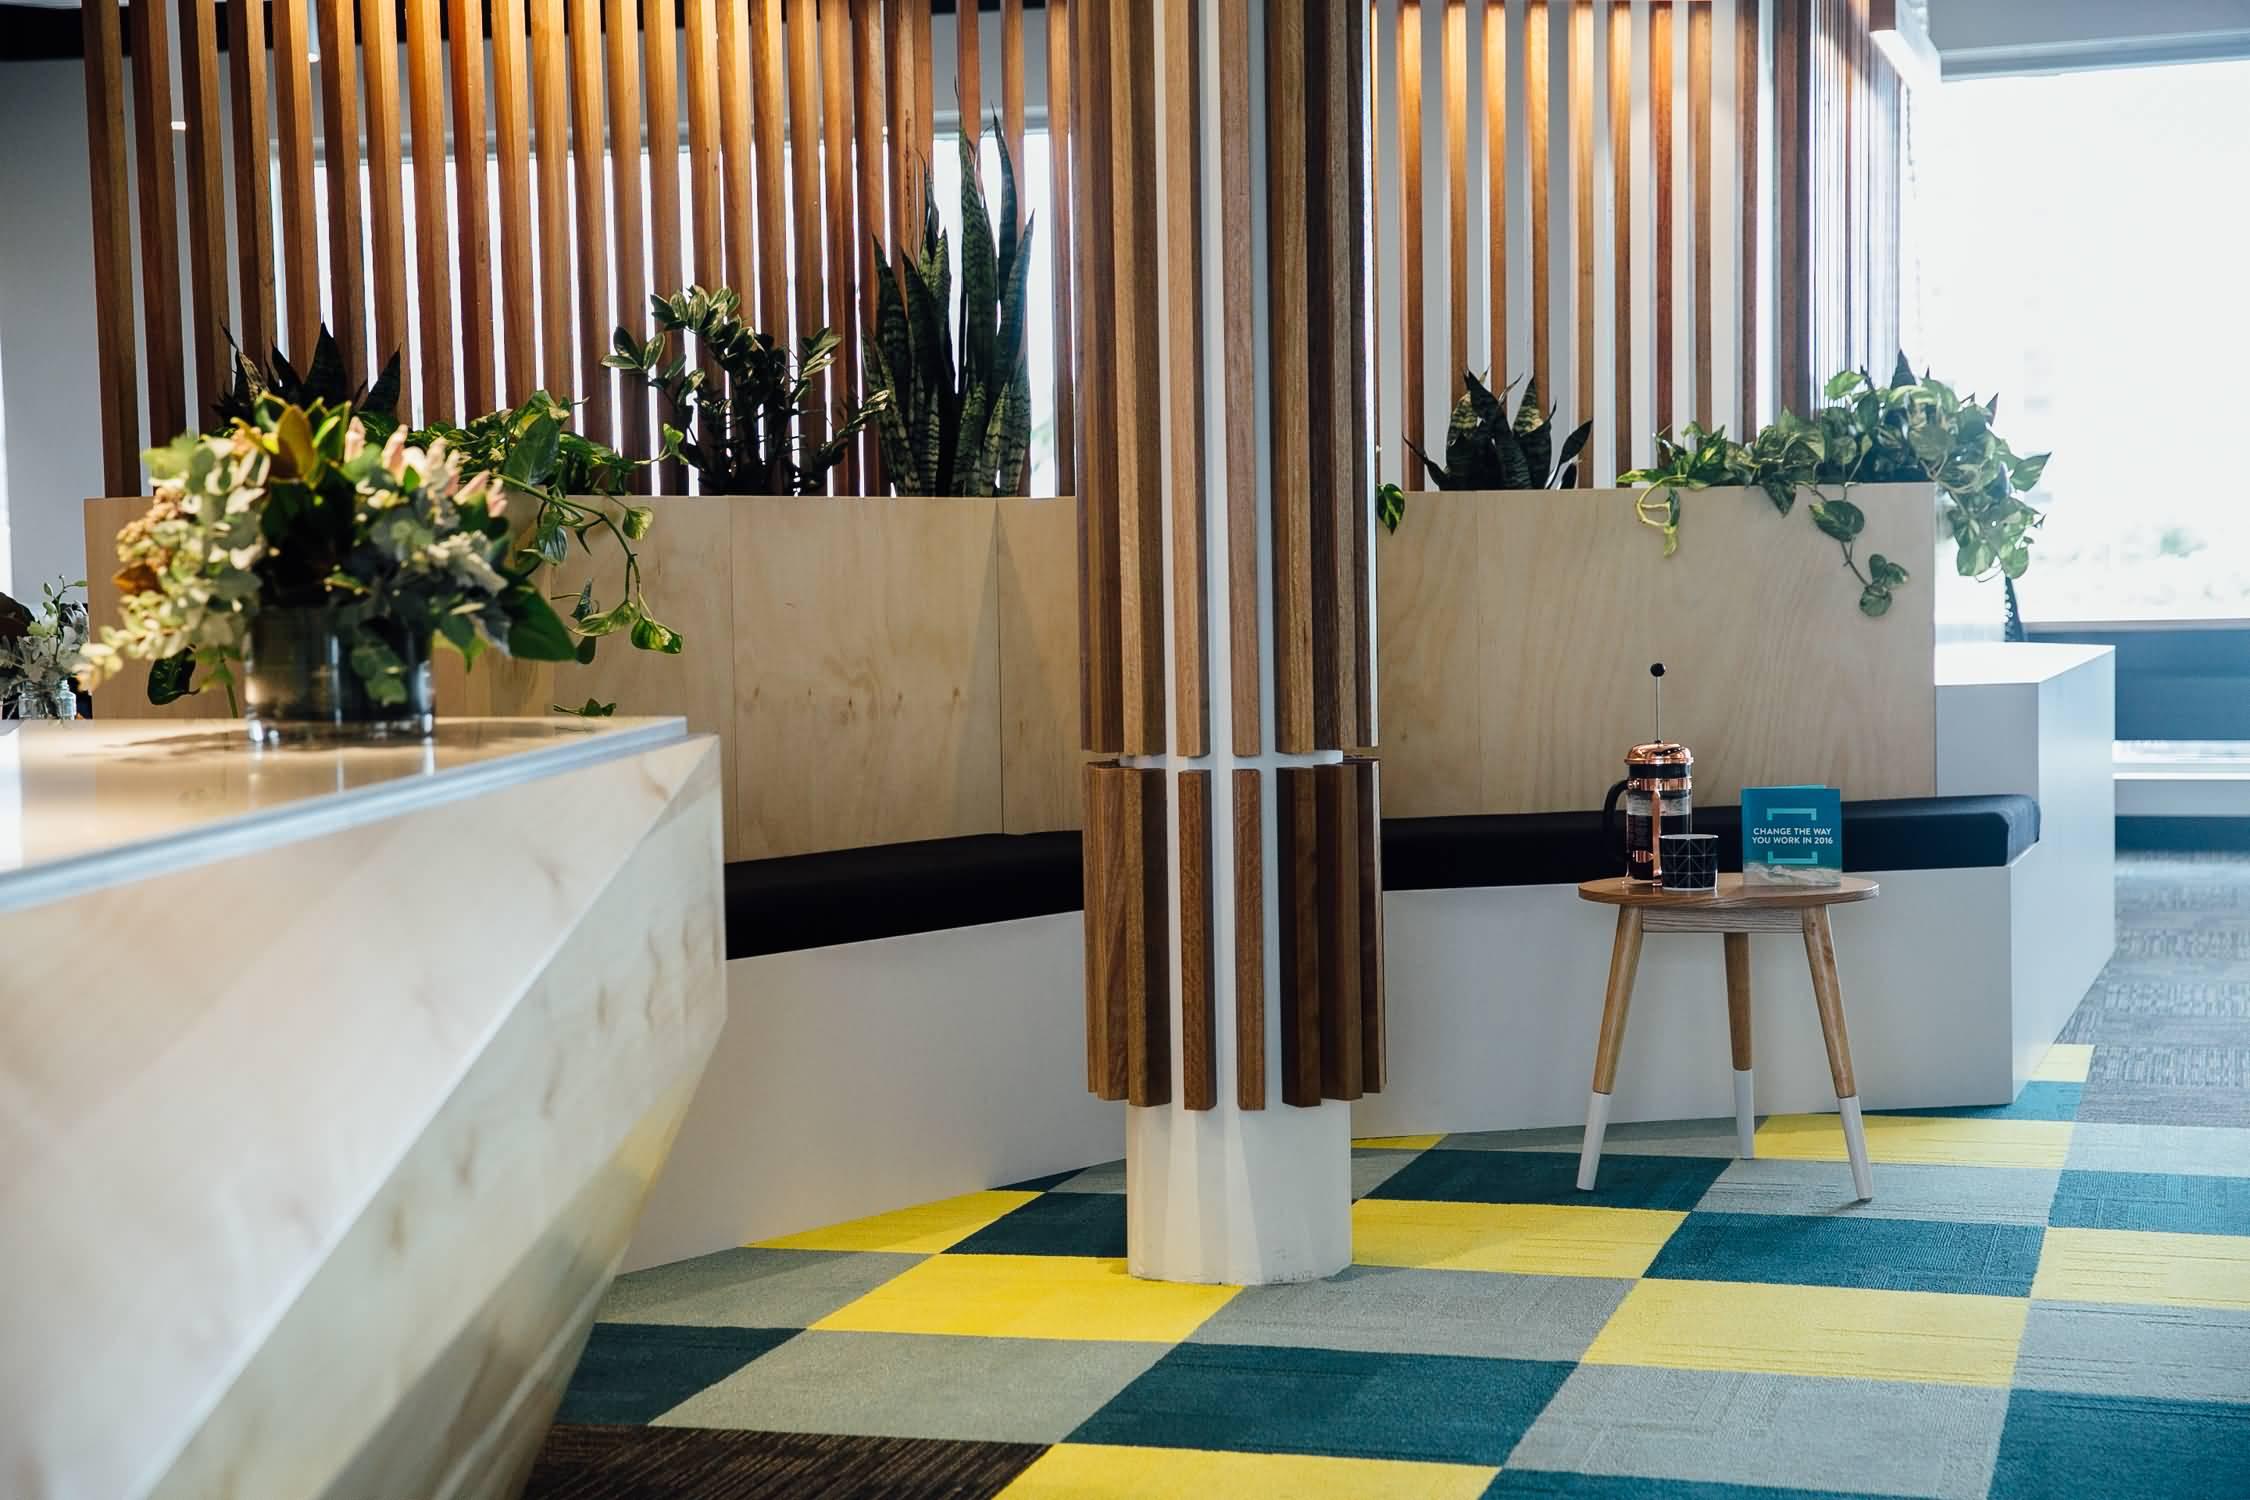 Guymer-bailey-architects-inbox-workspace-interiors-05.JPG